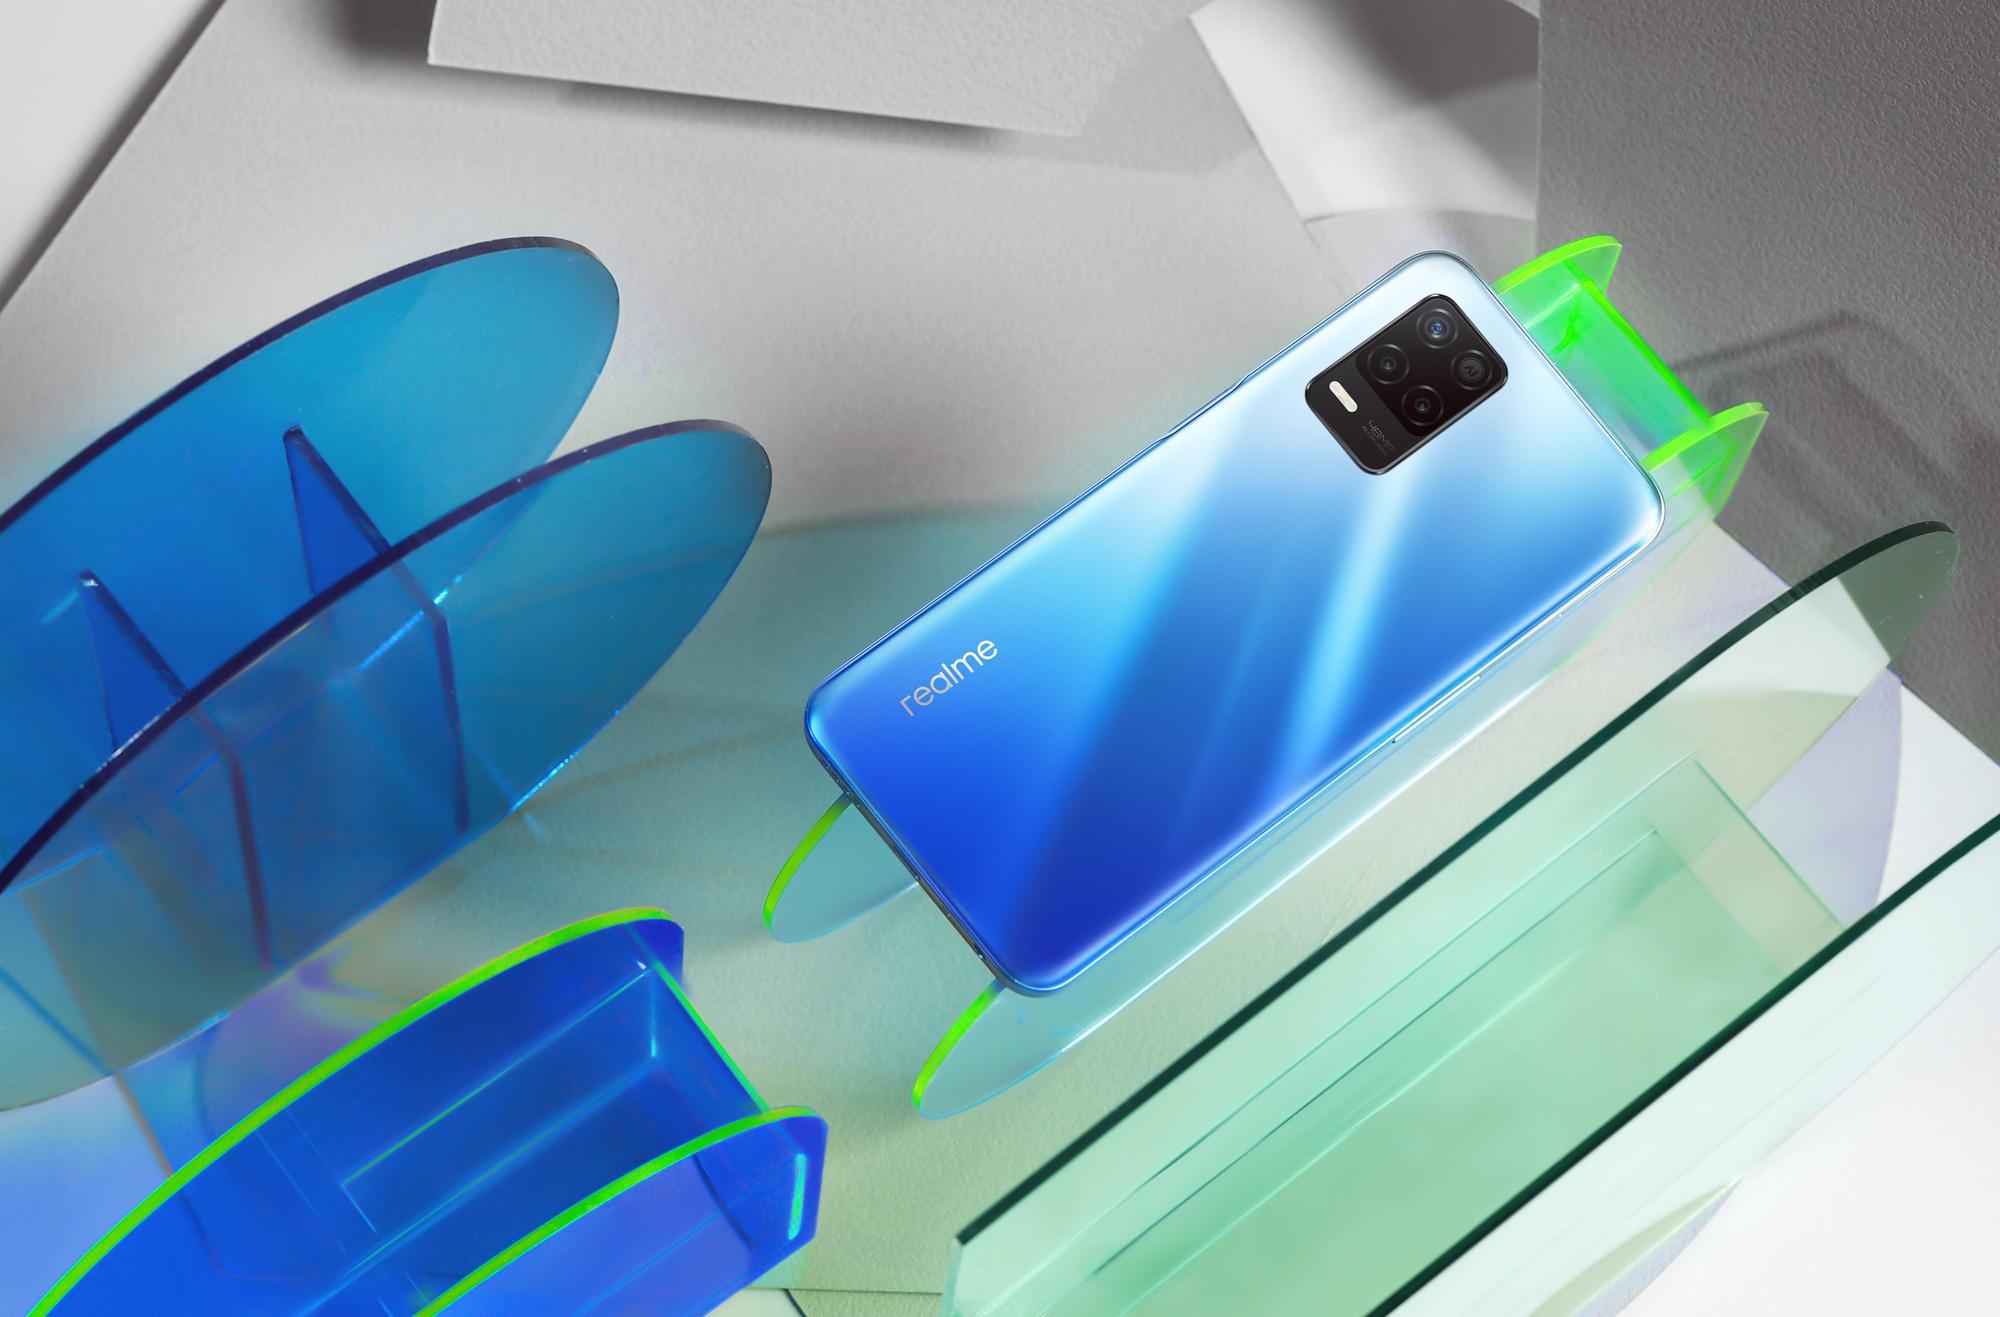 realme 8 5G siêu mỏng nhẹ ra mắt với công nghệ RAM ảo mạnh mẽ, tăng cường cụm camera chụp đêm ấn tượng - Ảnh 2.